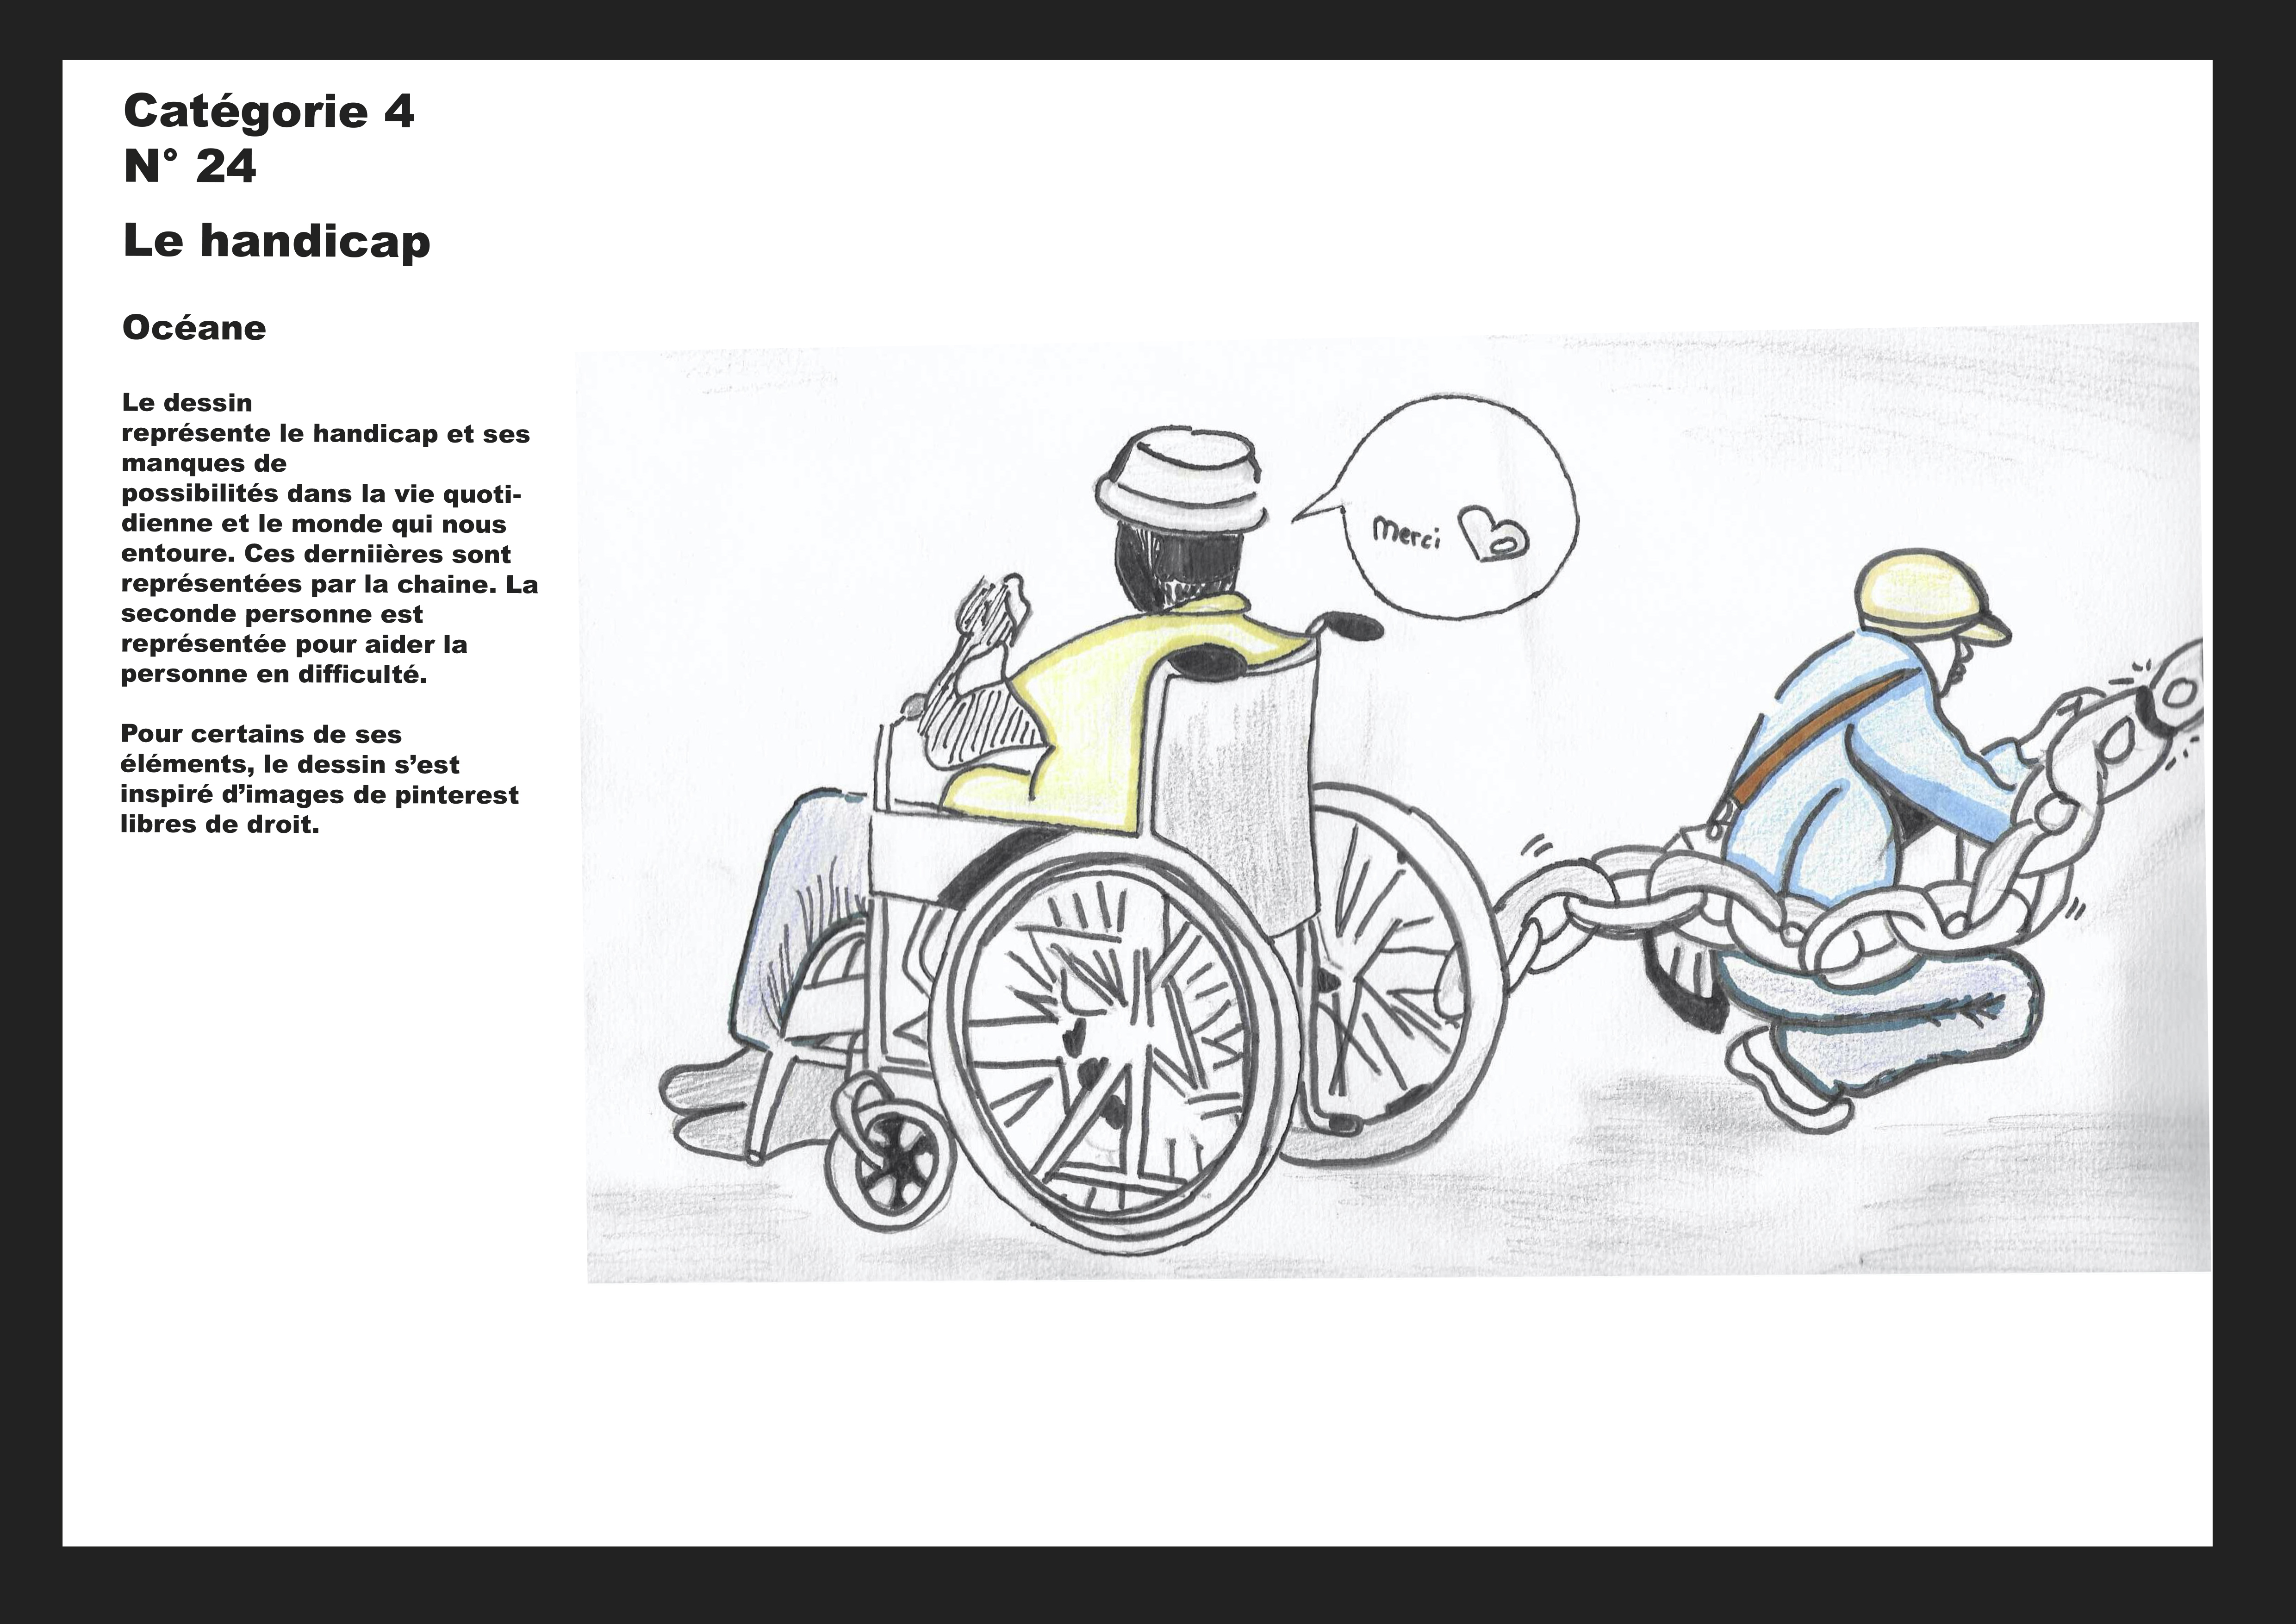 Le handicap - choix numéro trois - Océane